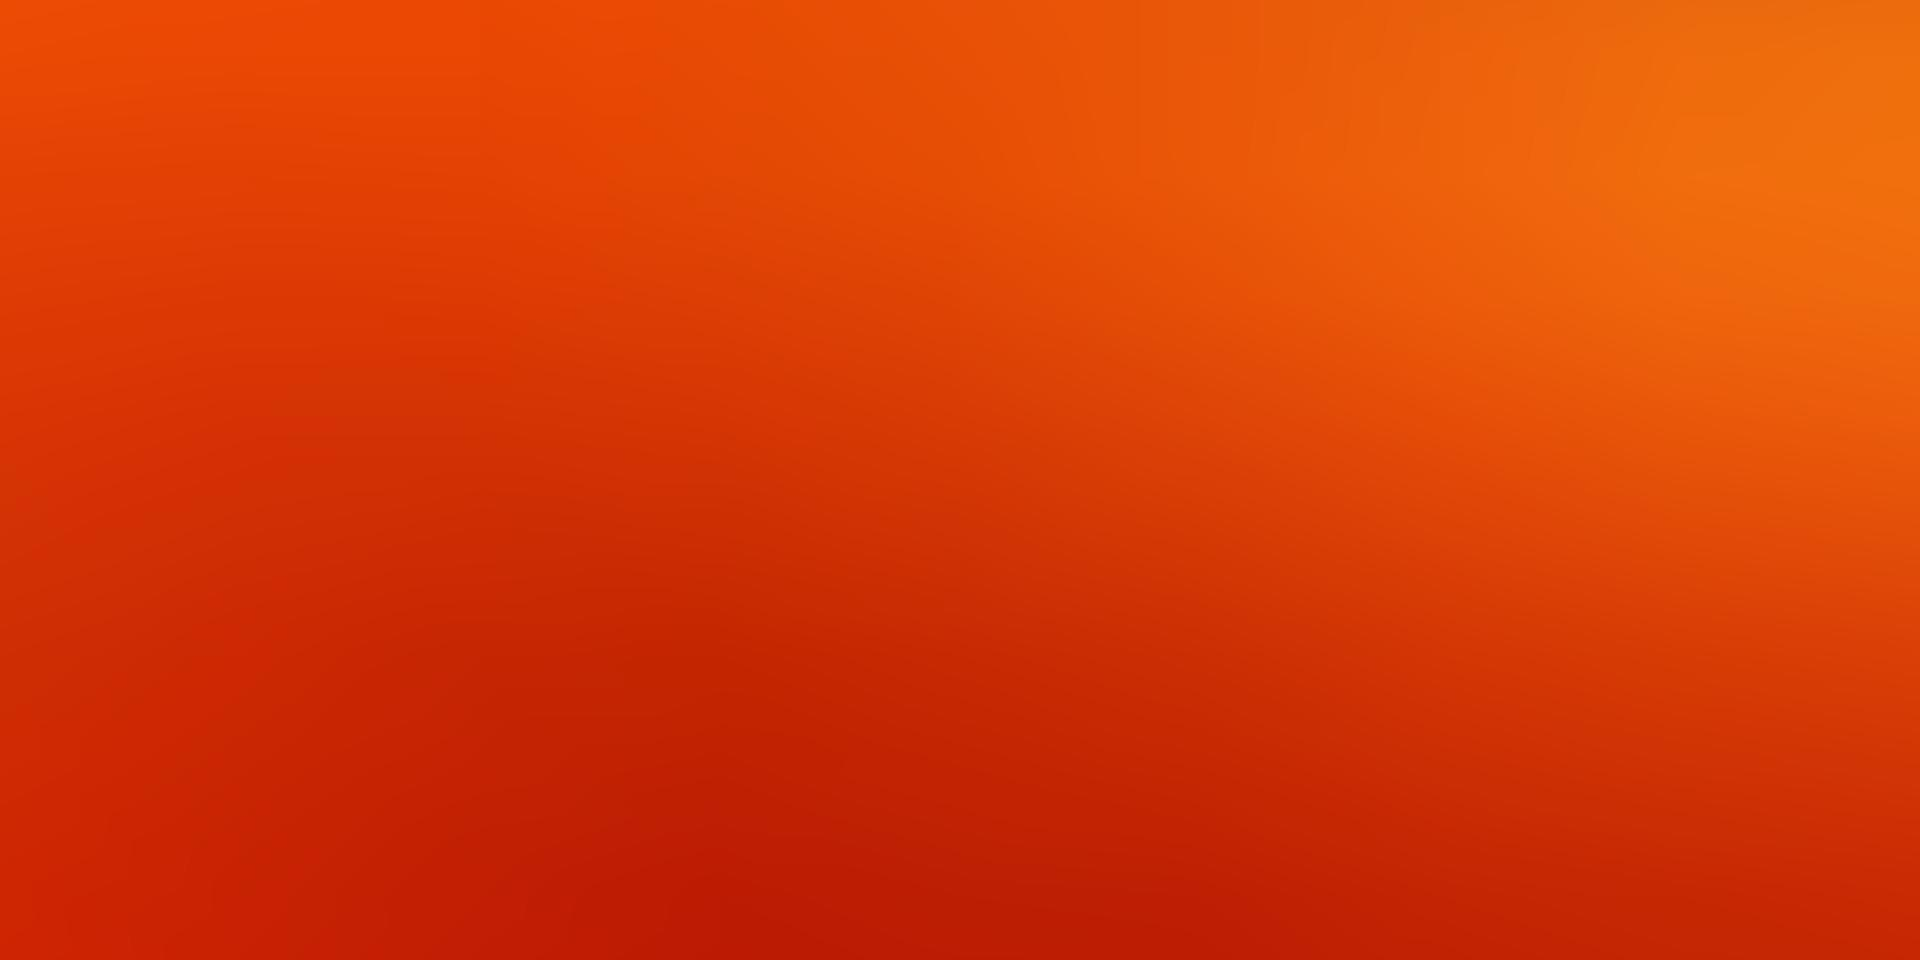 fond abstrait coloré vecteur orange clair.